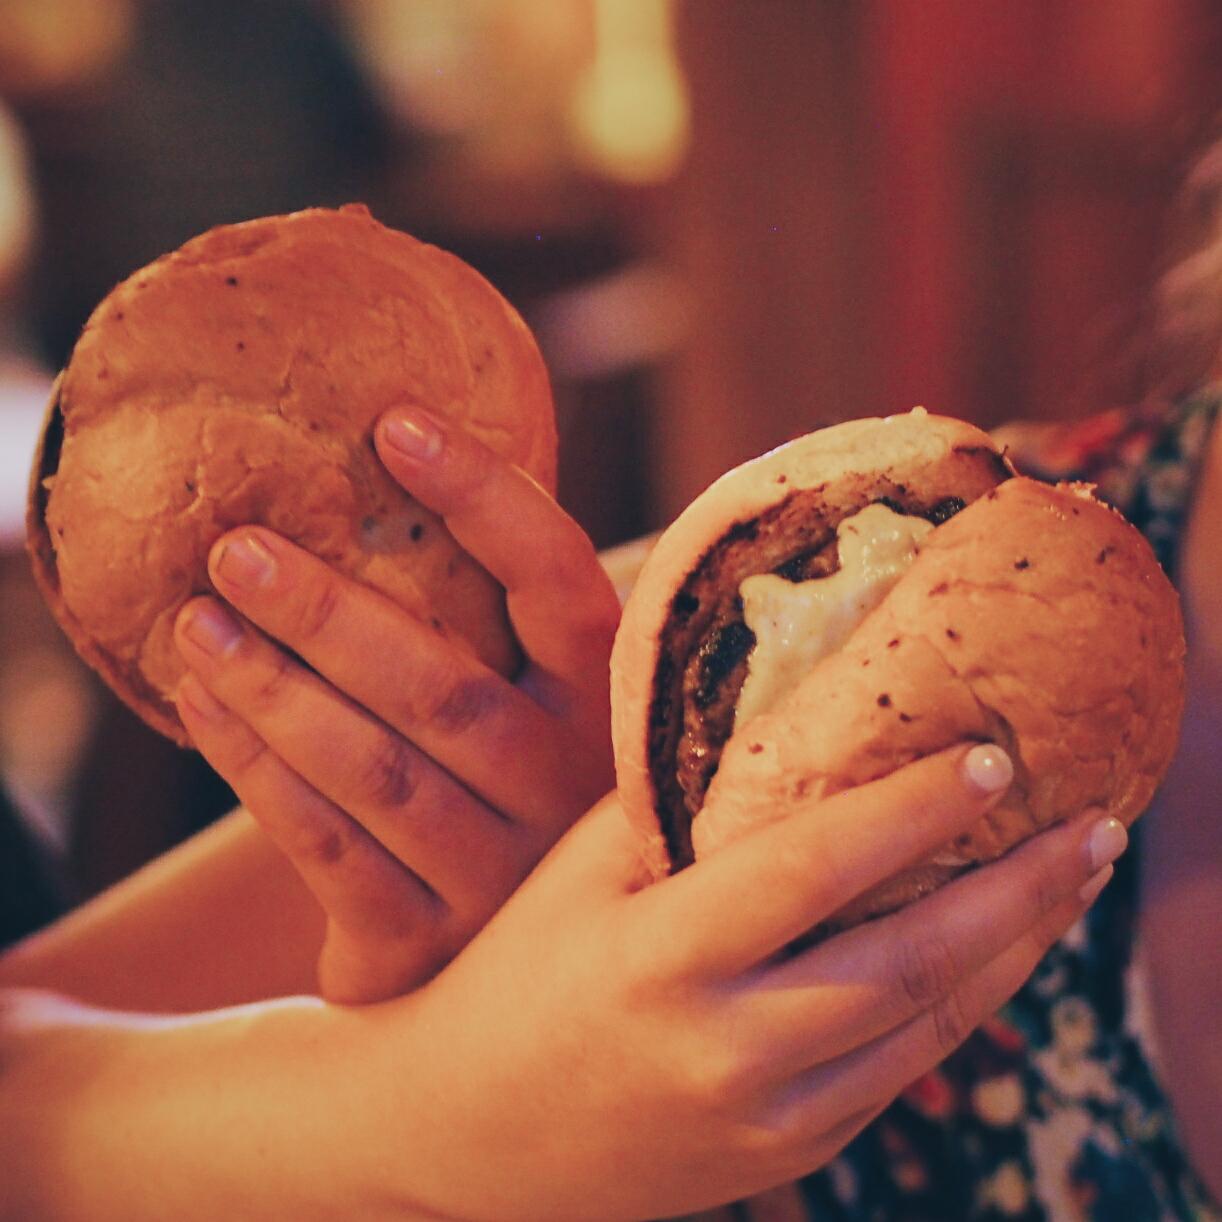 The Italian Sausage Burger - Pause